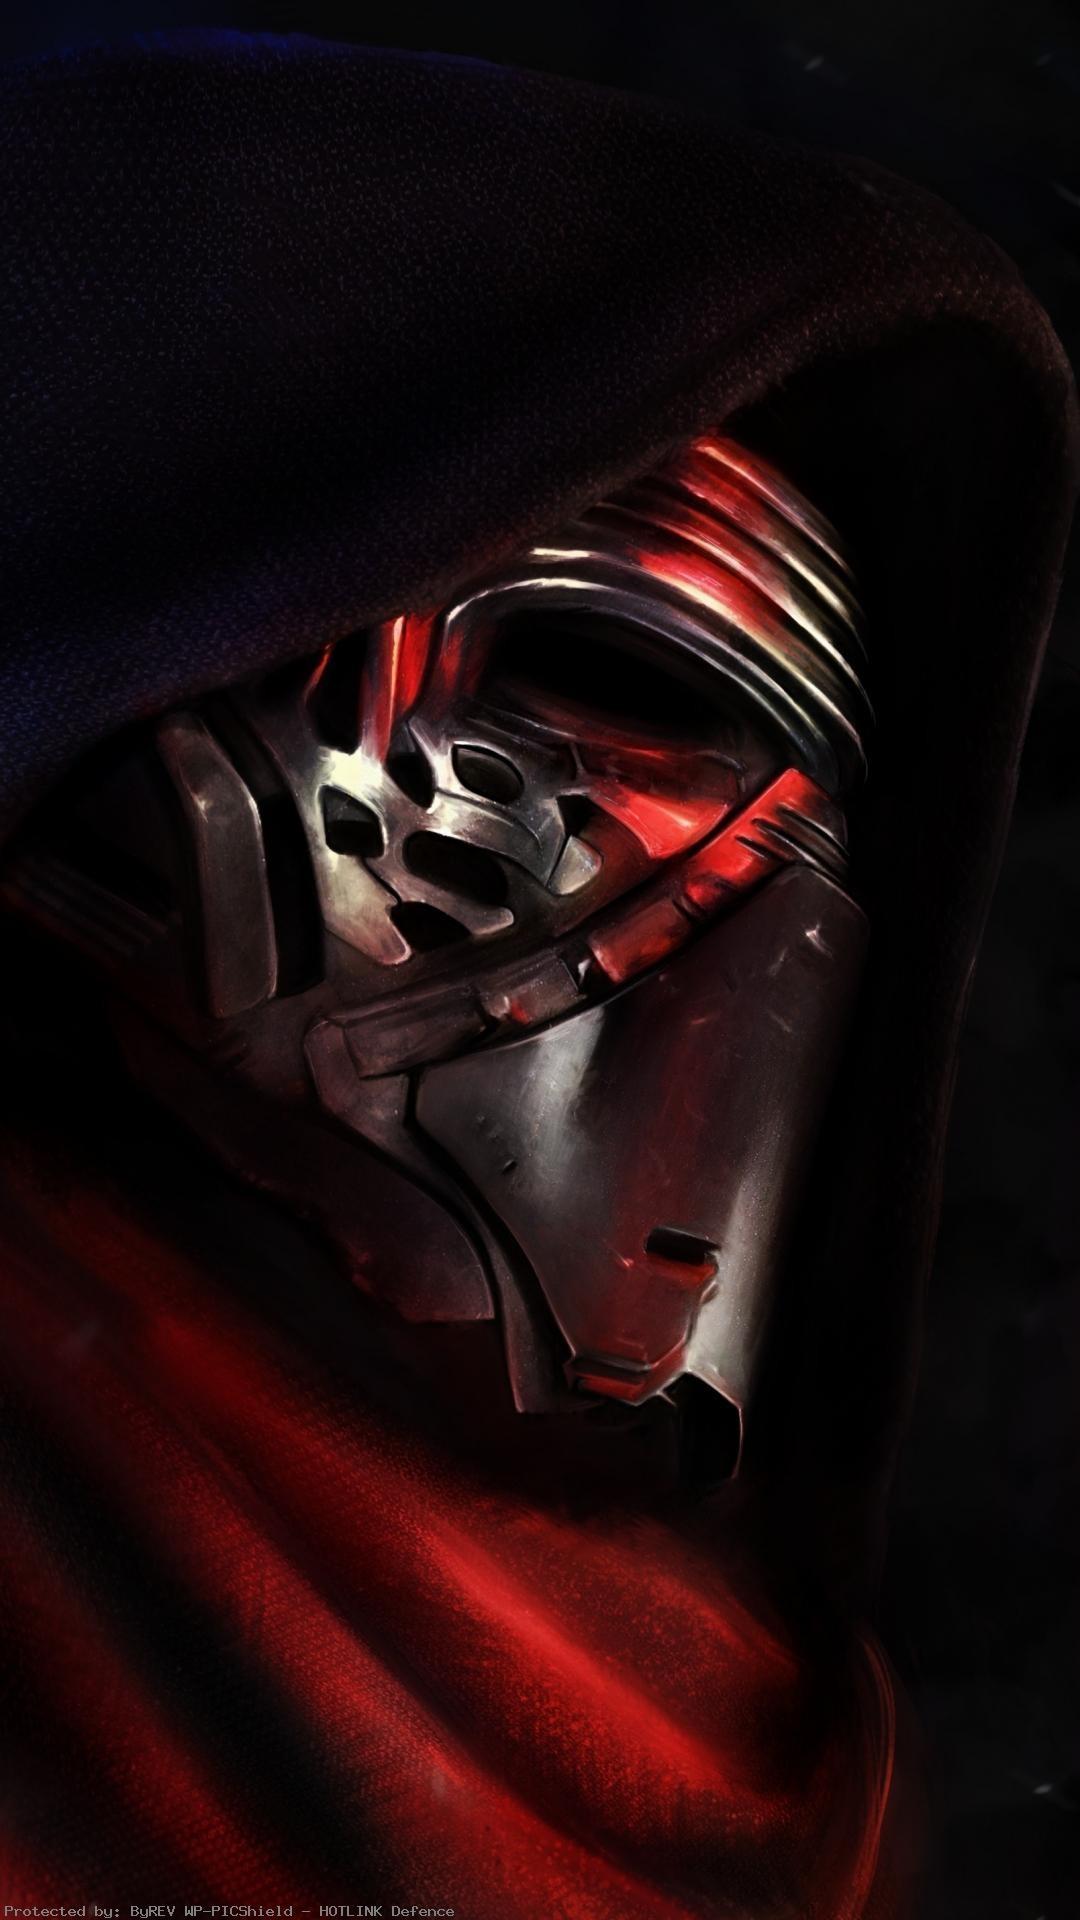 star-wars-force-awakens-kylo-ren-of-the-